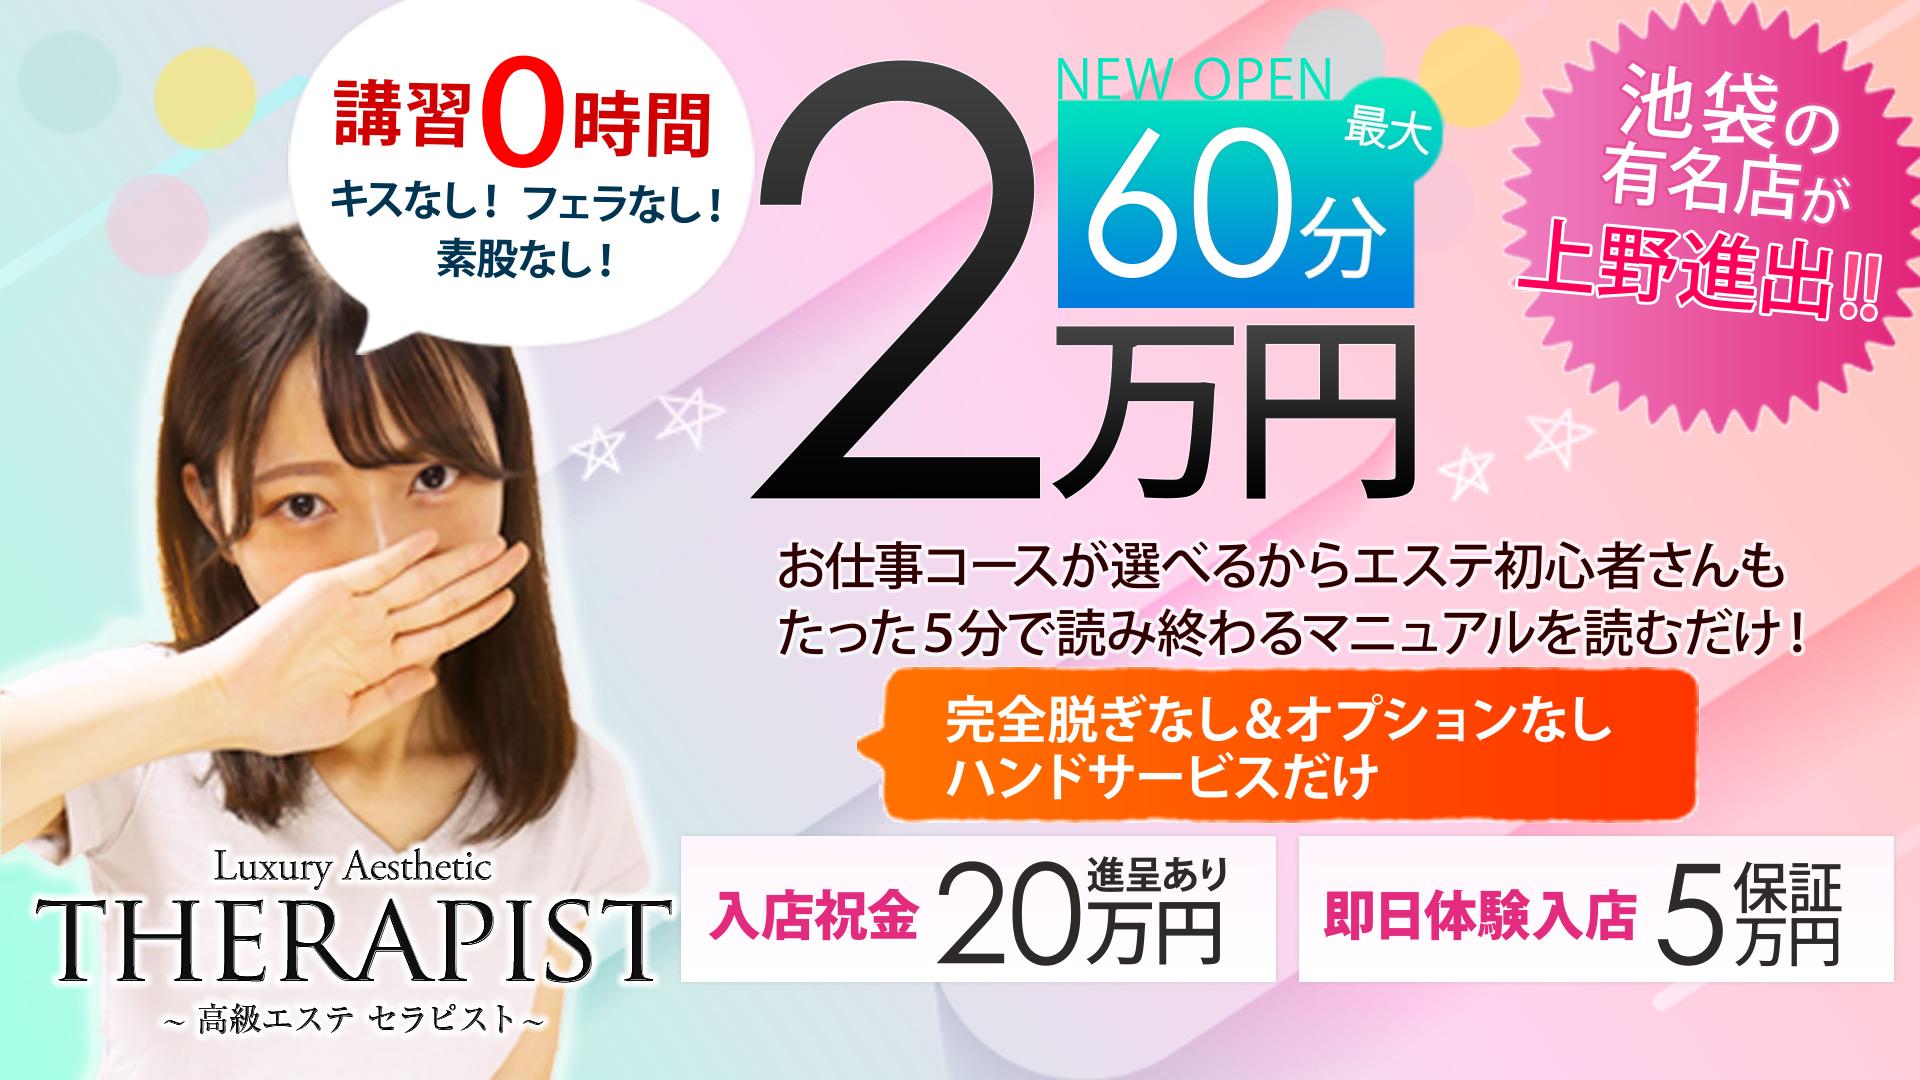 高級エステセラピスト上野店の求人画像